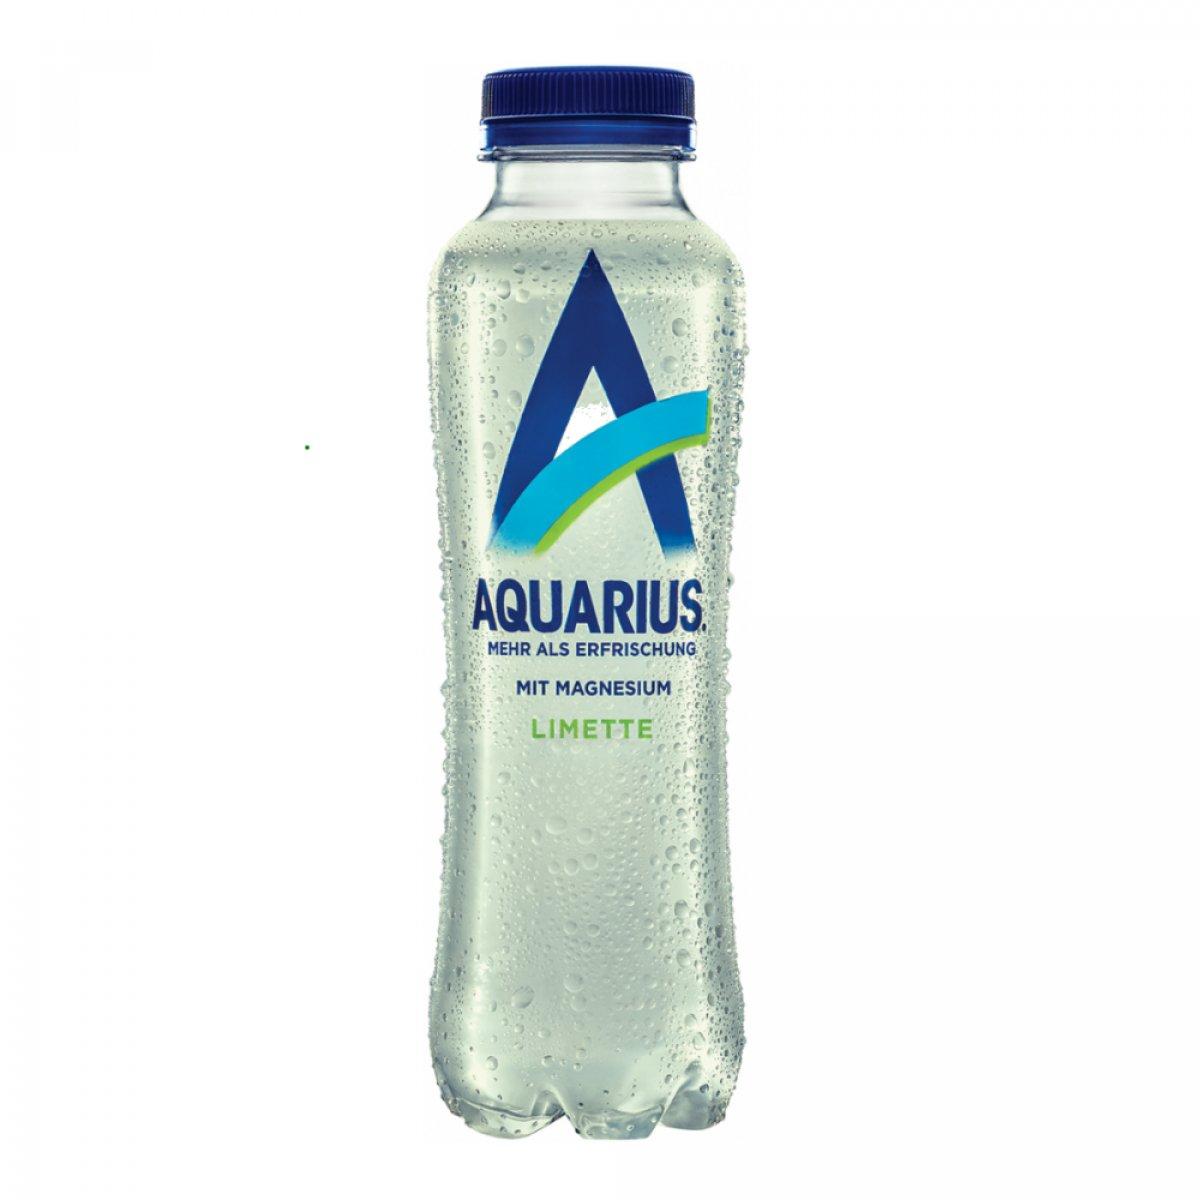 Markteinführung von Aquarius